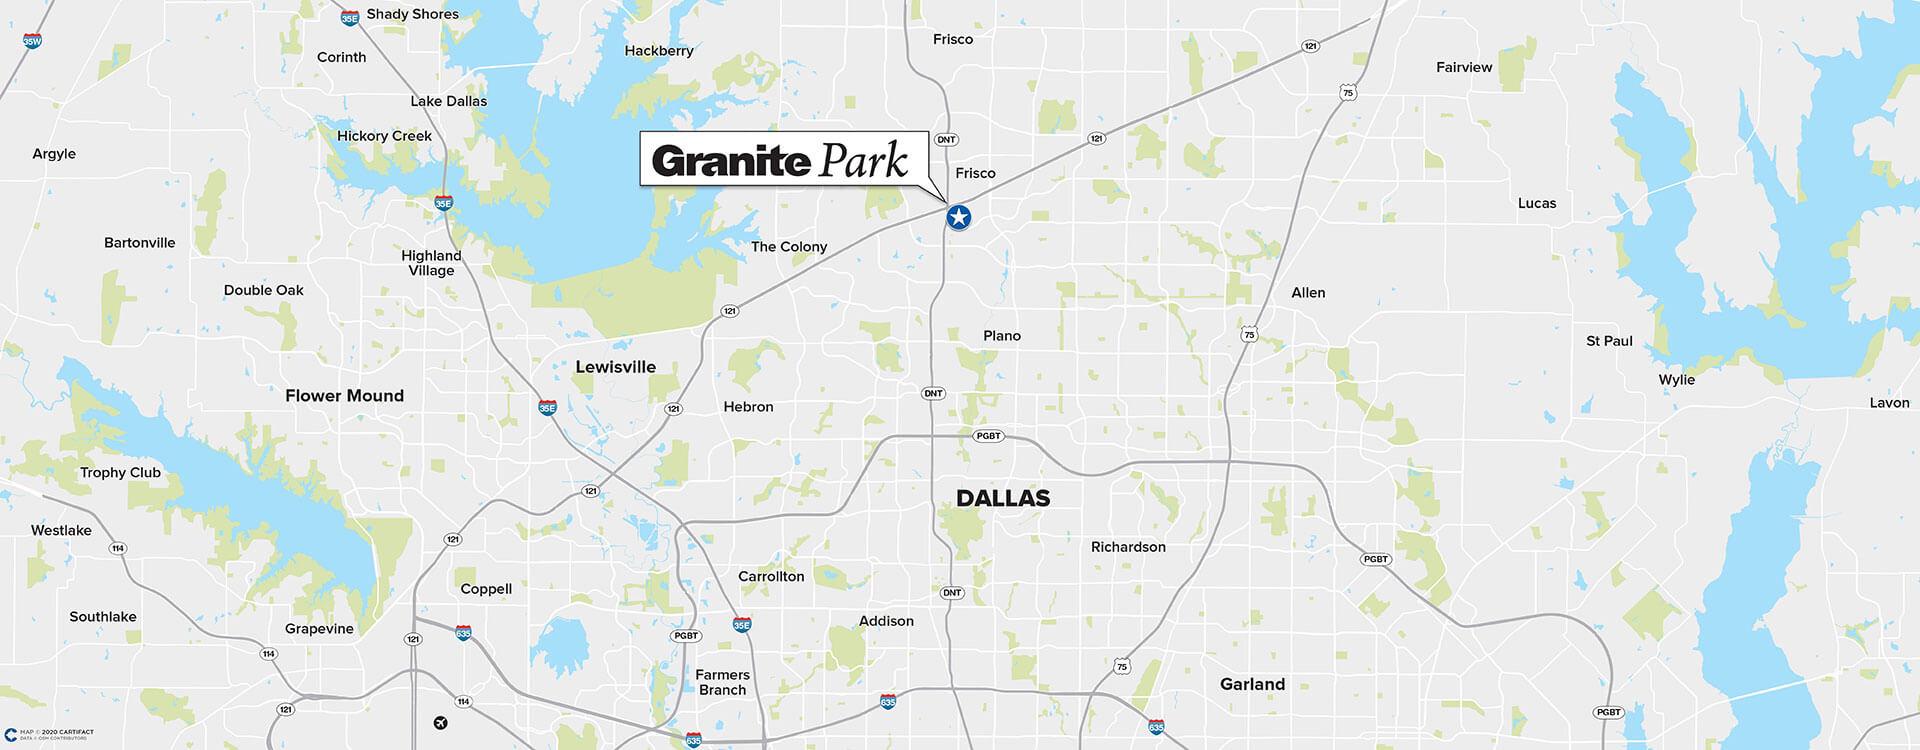 Granite Park Four location map